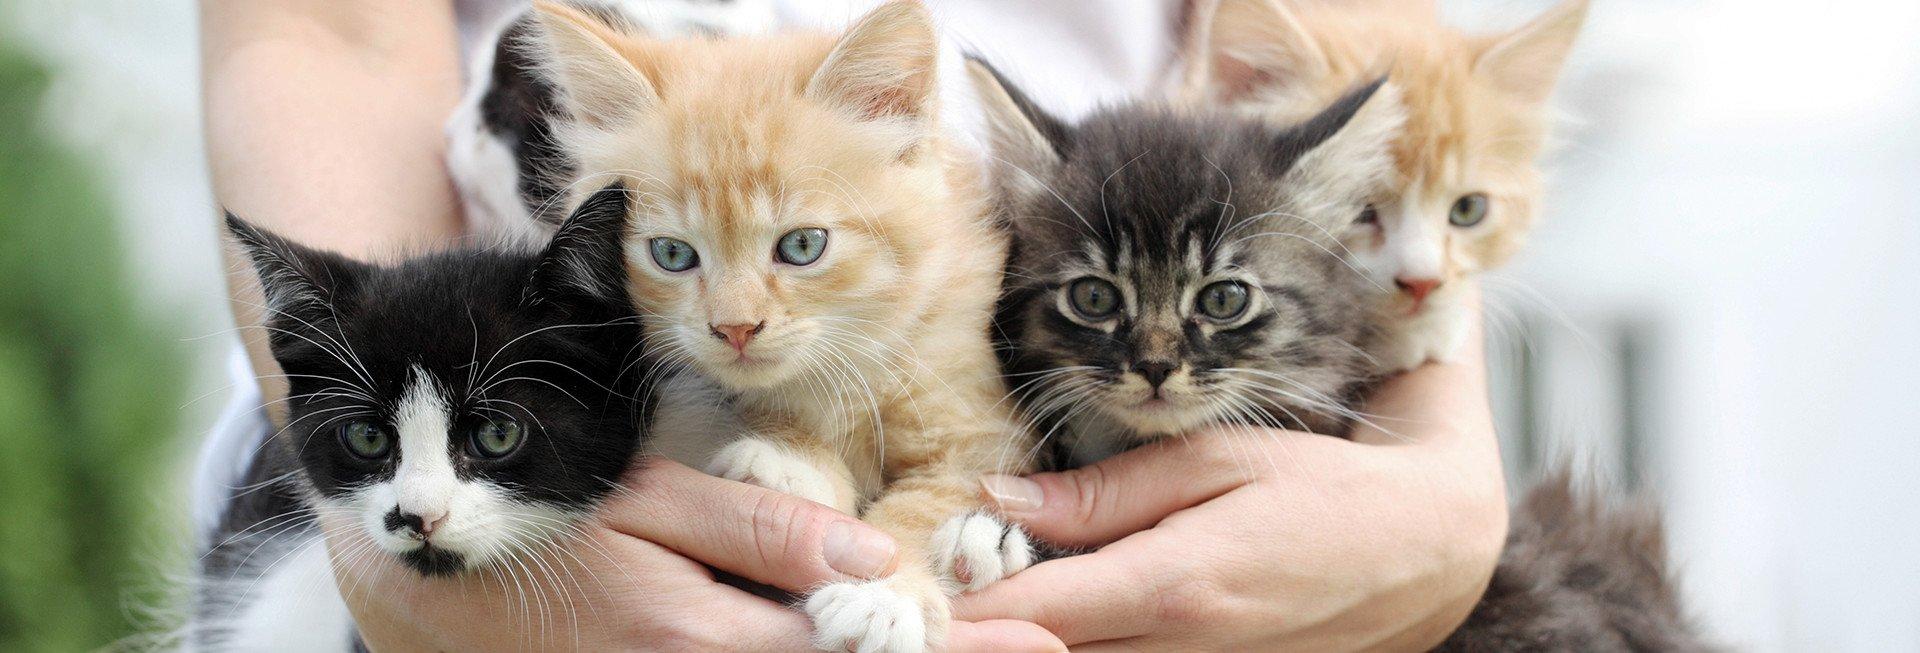 Cat Rescue Groups Memphis Tn